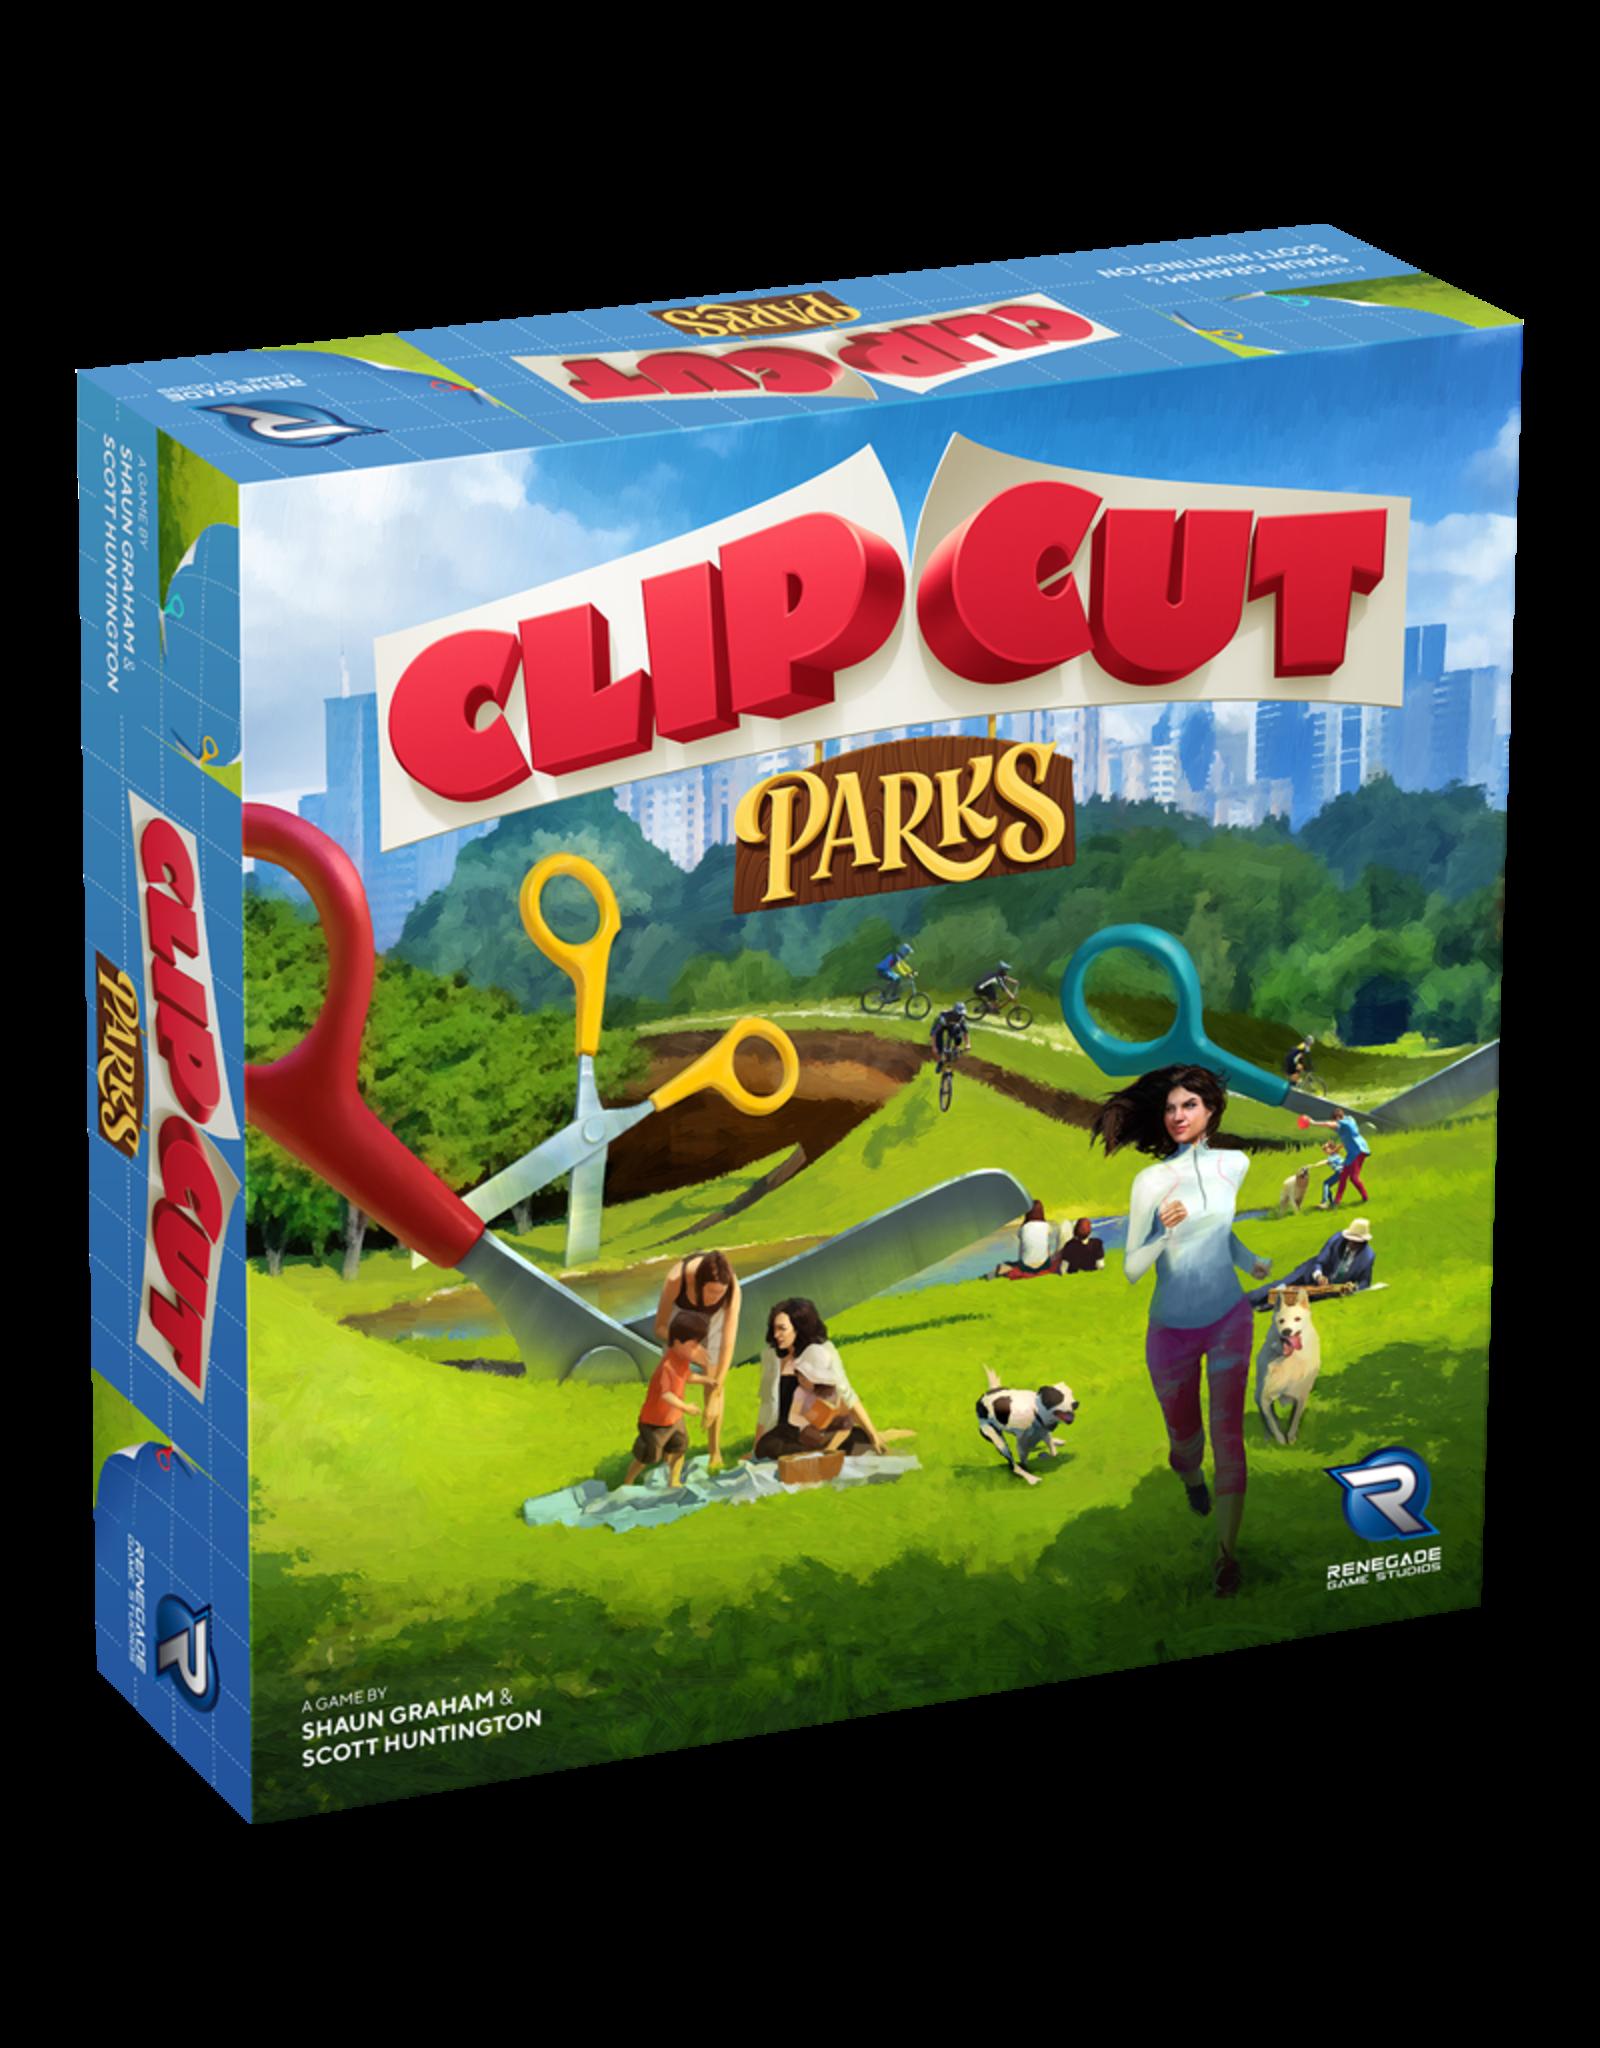 Clip Cut: Parks